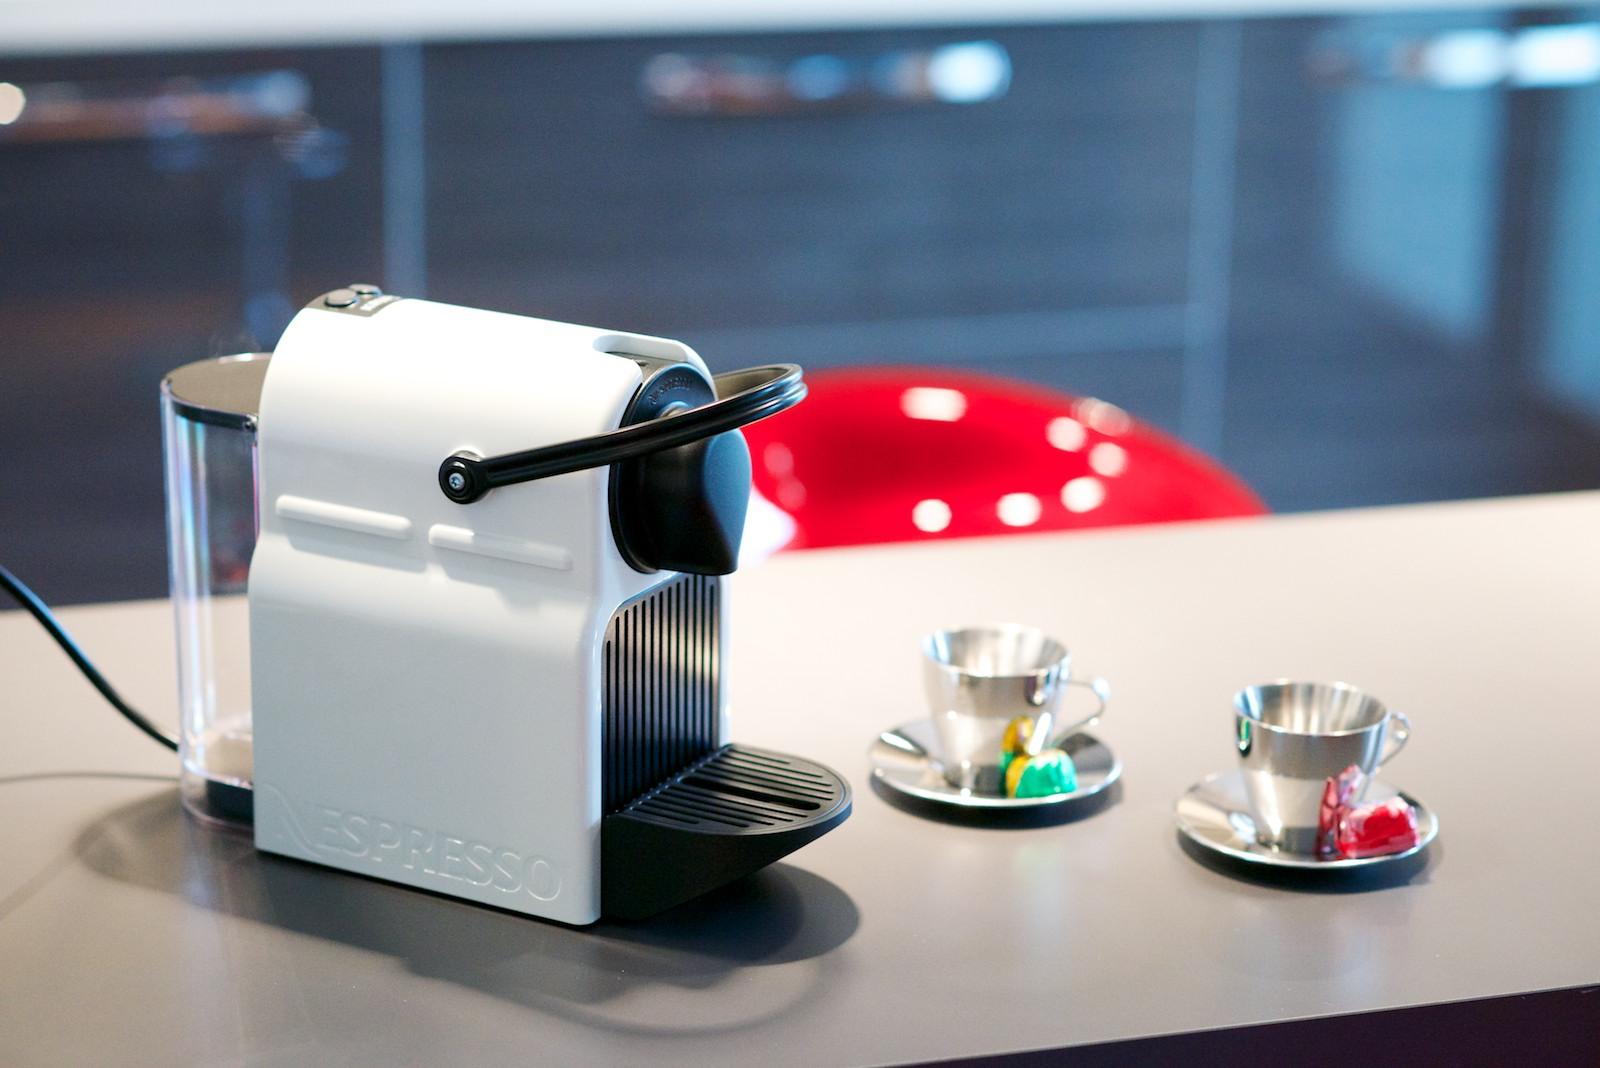 Comprare le migliori macchine per caffè ai prezzi più bassi e scontati della rete